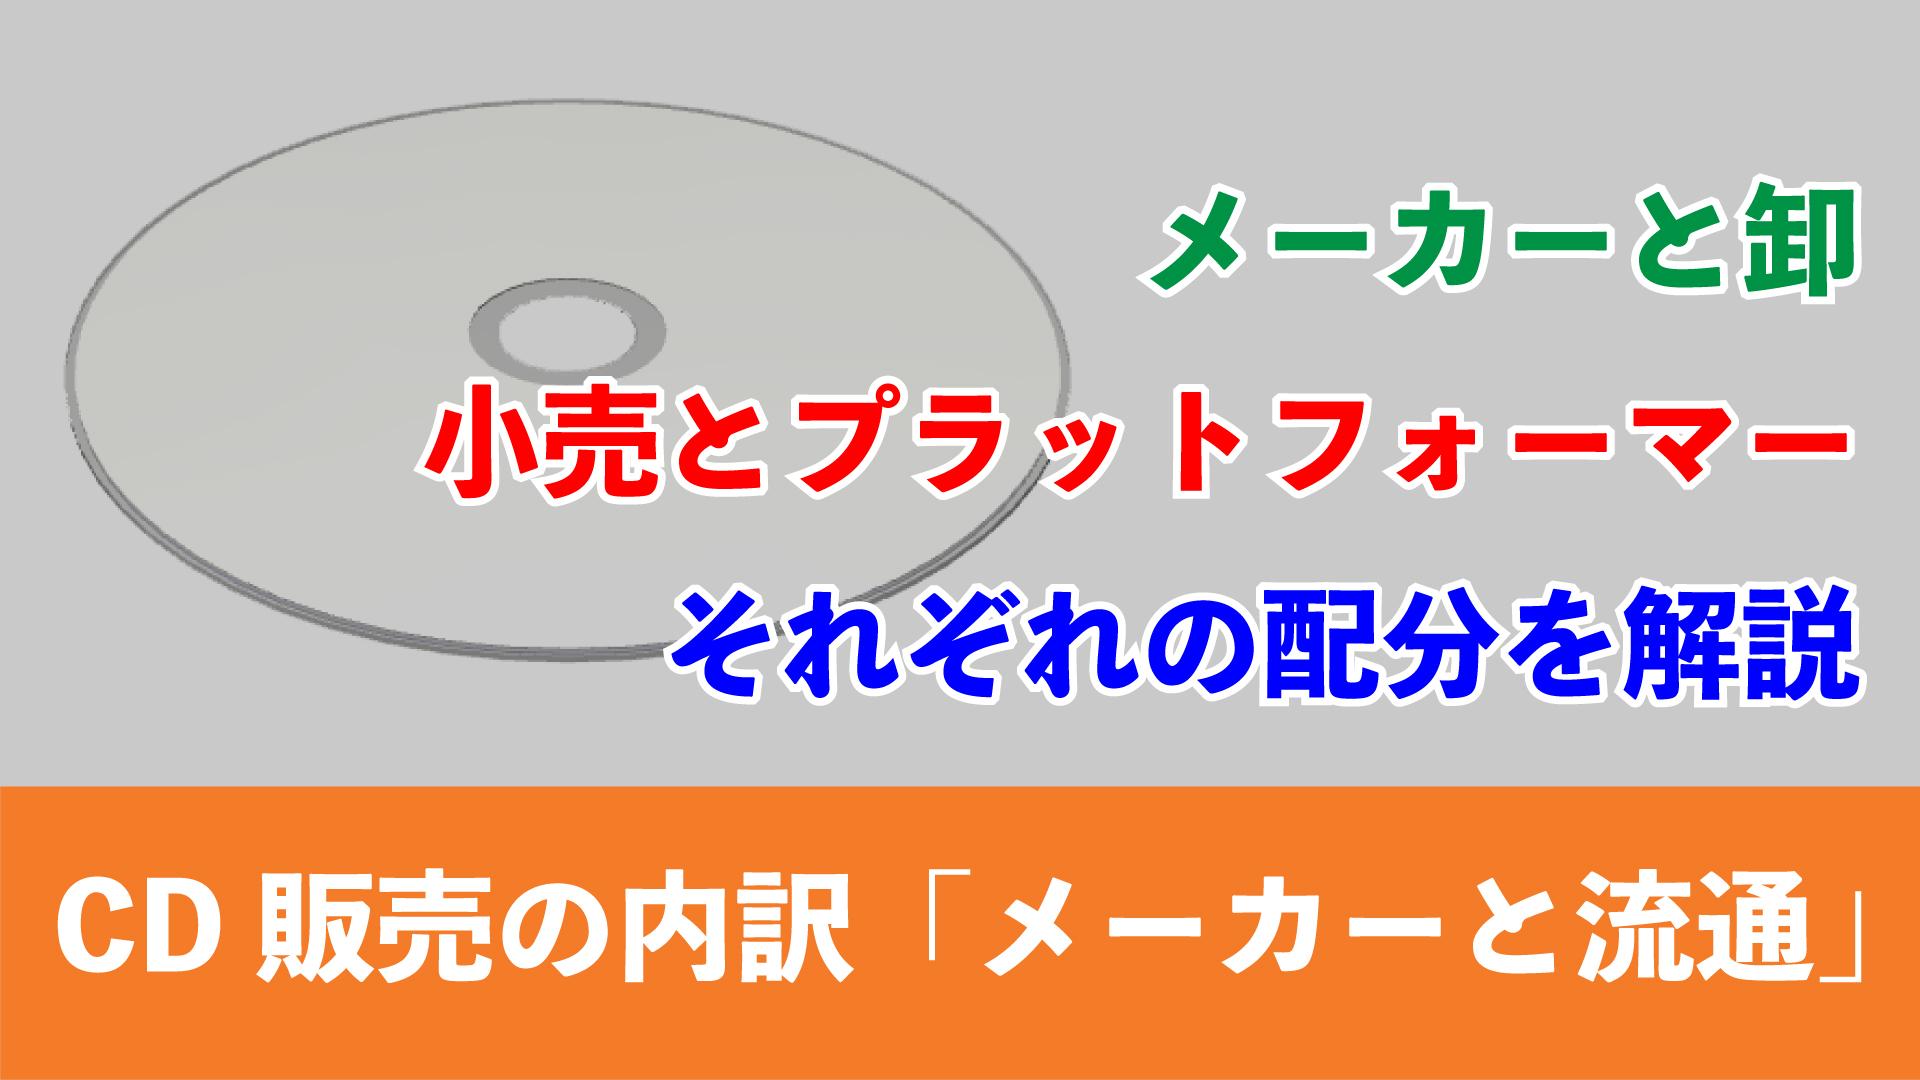 CD販売額の内訳|その1「メーカーと流通」_アイキャッチ